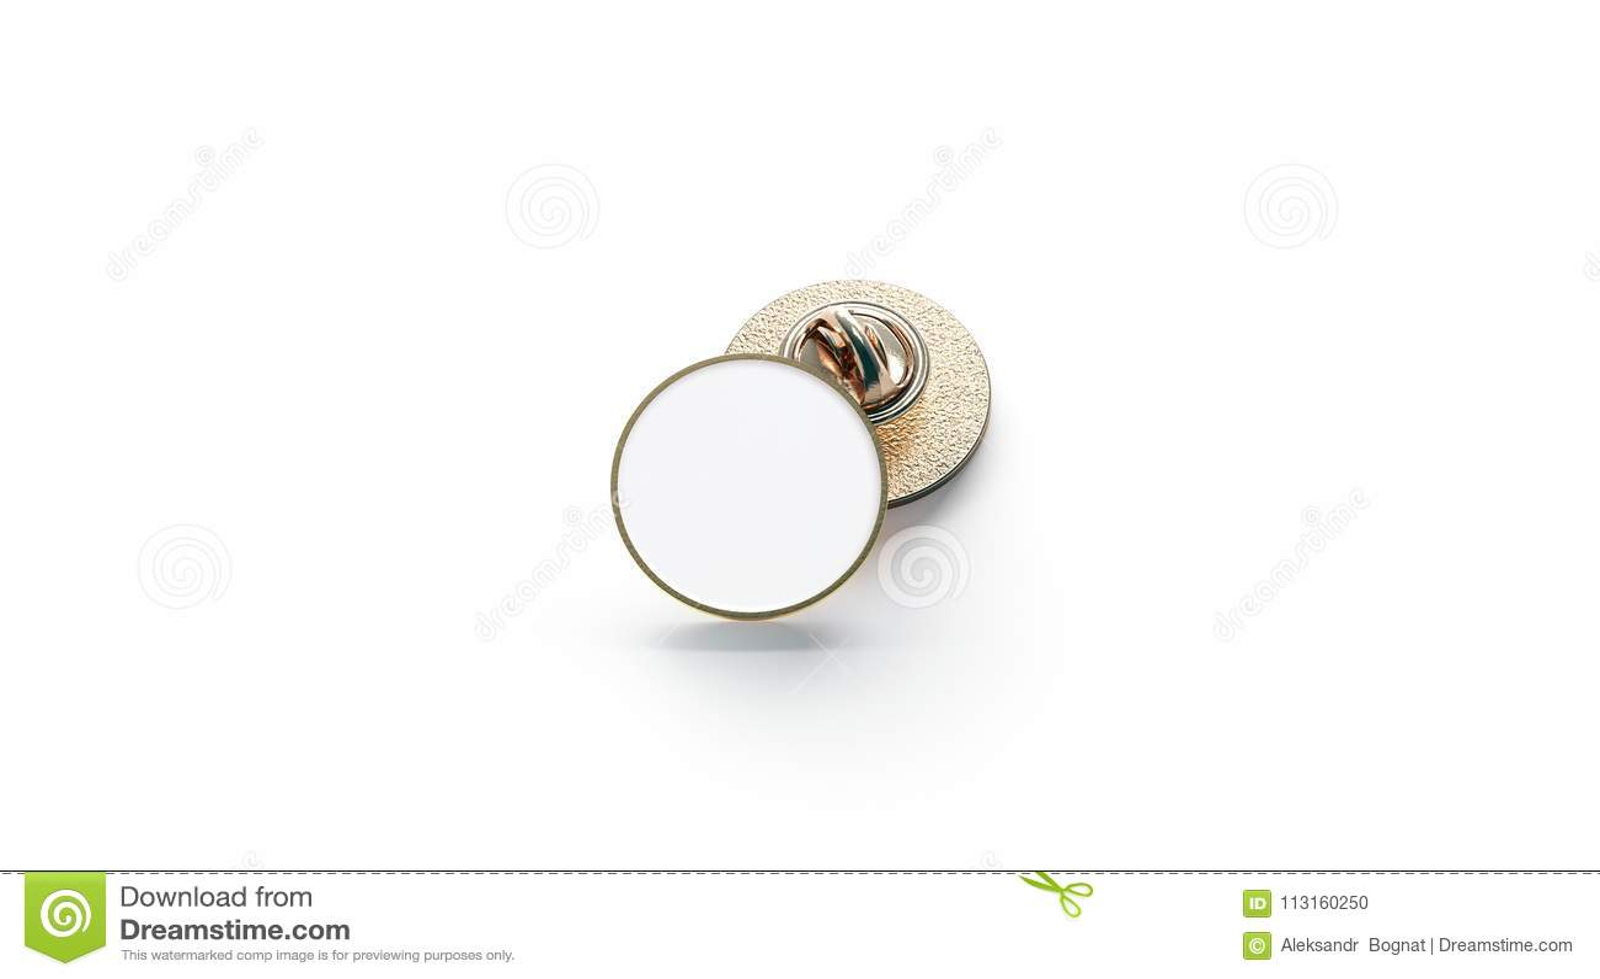 Blank White Round Gold Lapel Badge Mockup Stock Photo